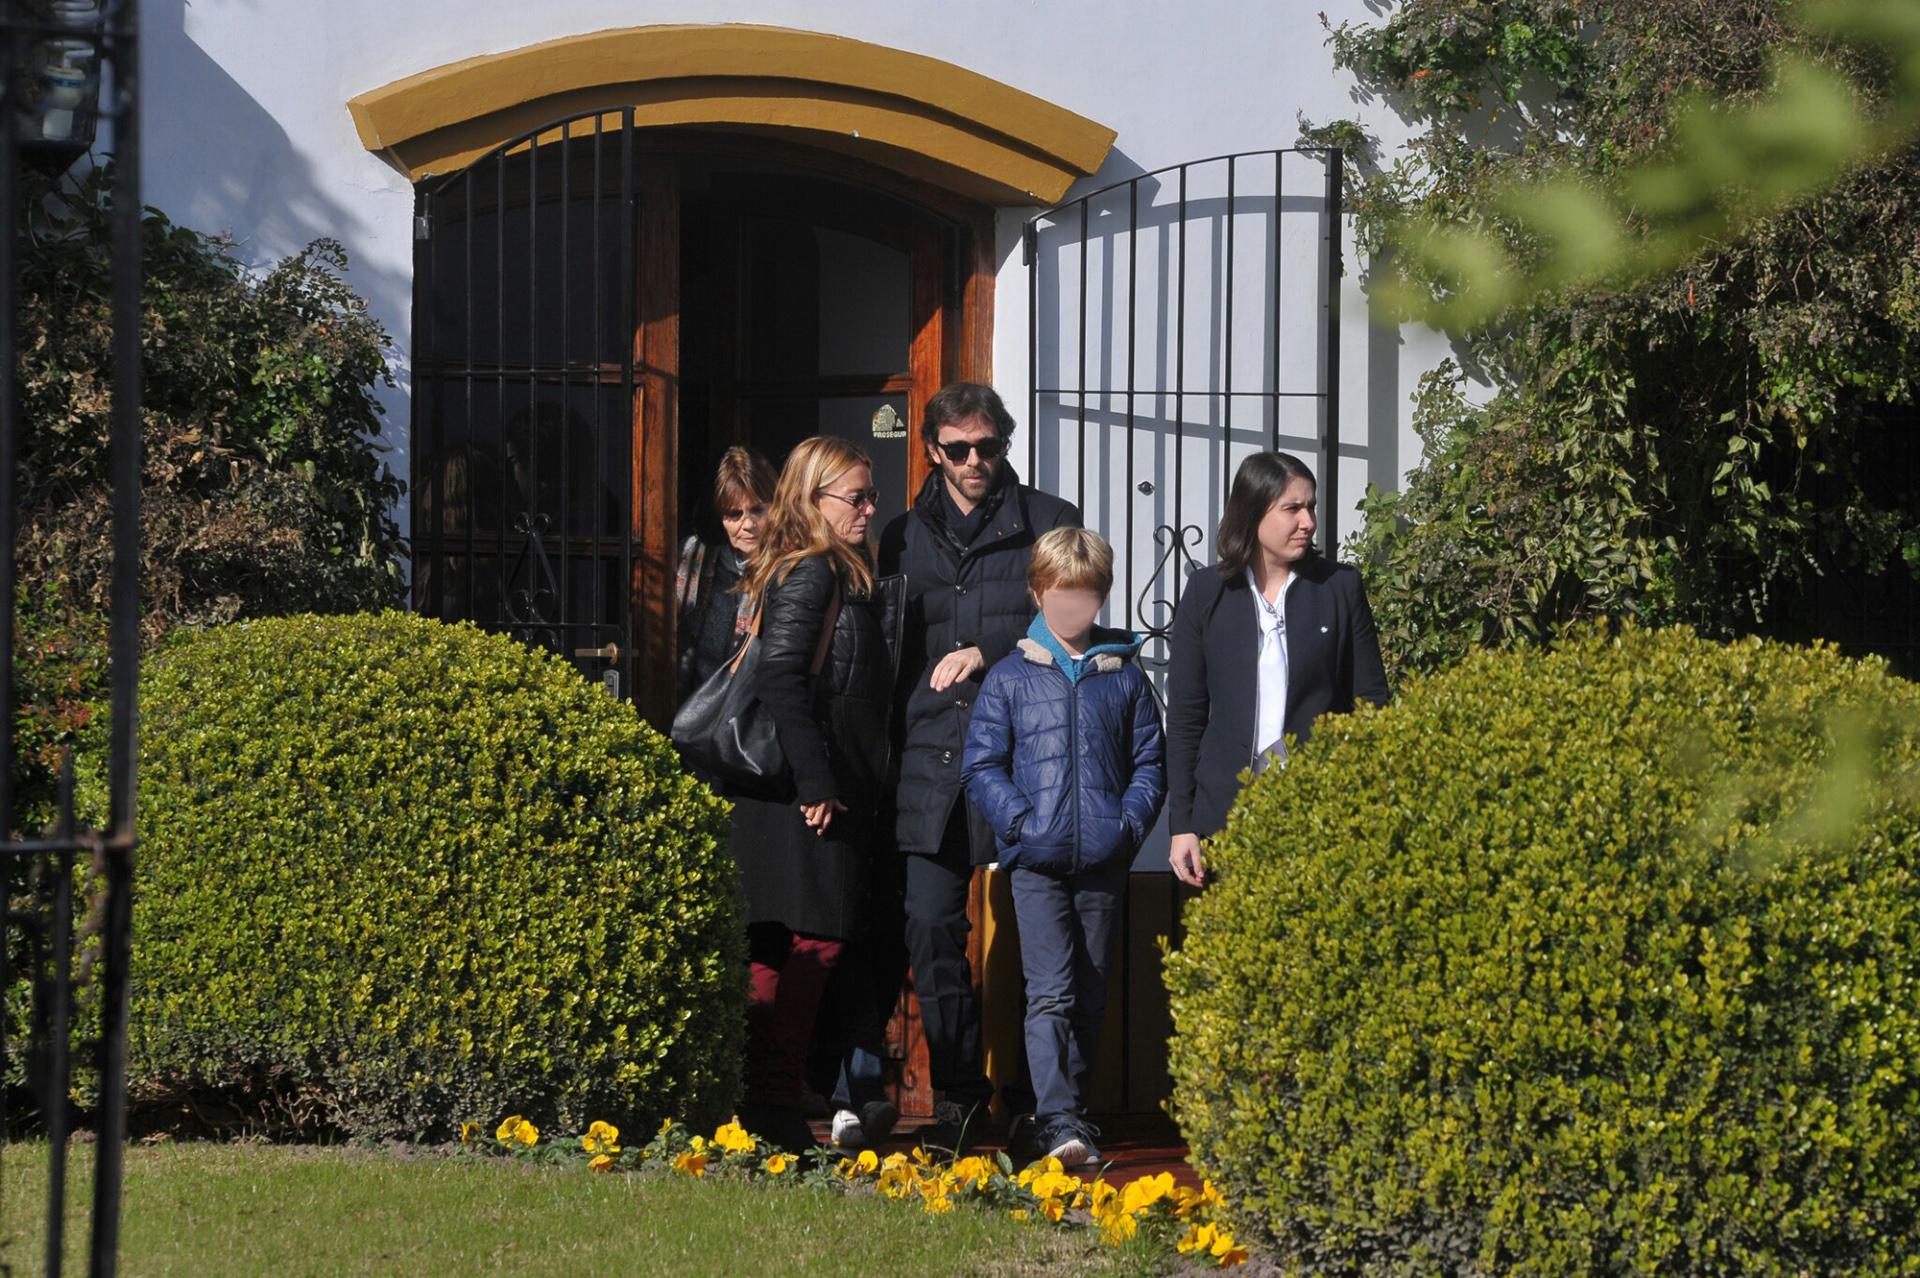 María Emilia Fernández Rousse, madrina de Geñi, junto al arquitecto César Bustos y su hijo Cesarito, minutos antes que inicie la ceremonia en el Parque Memorial del Pilar.